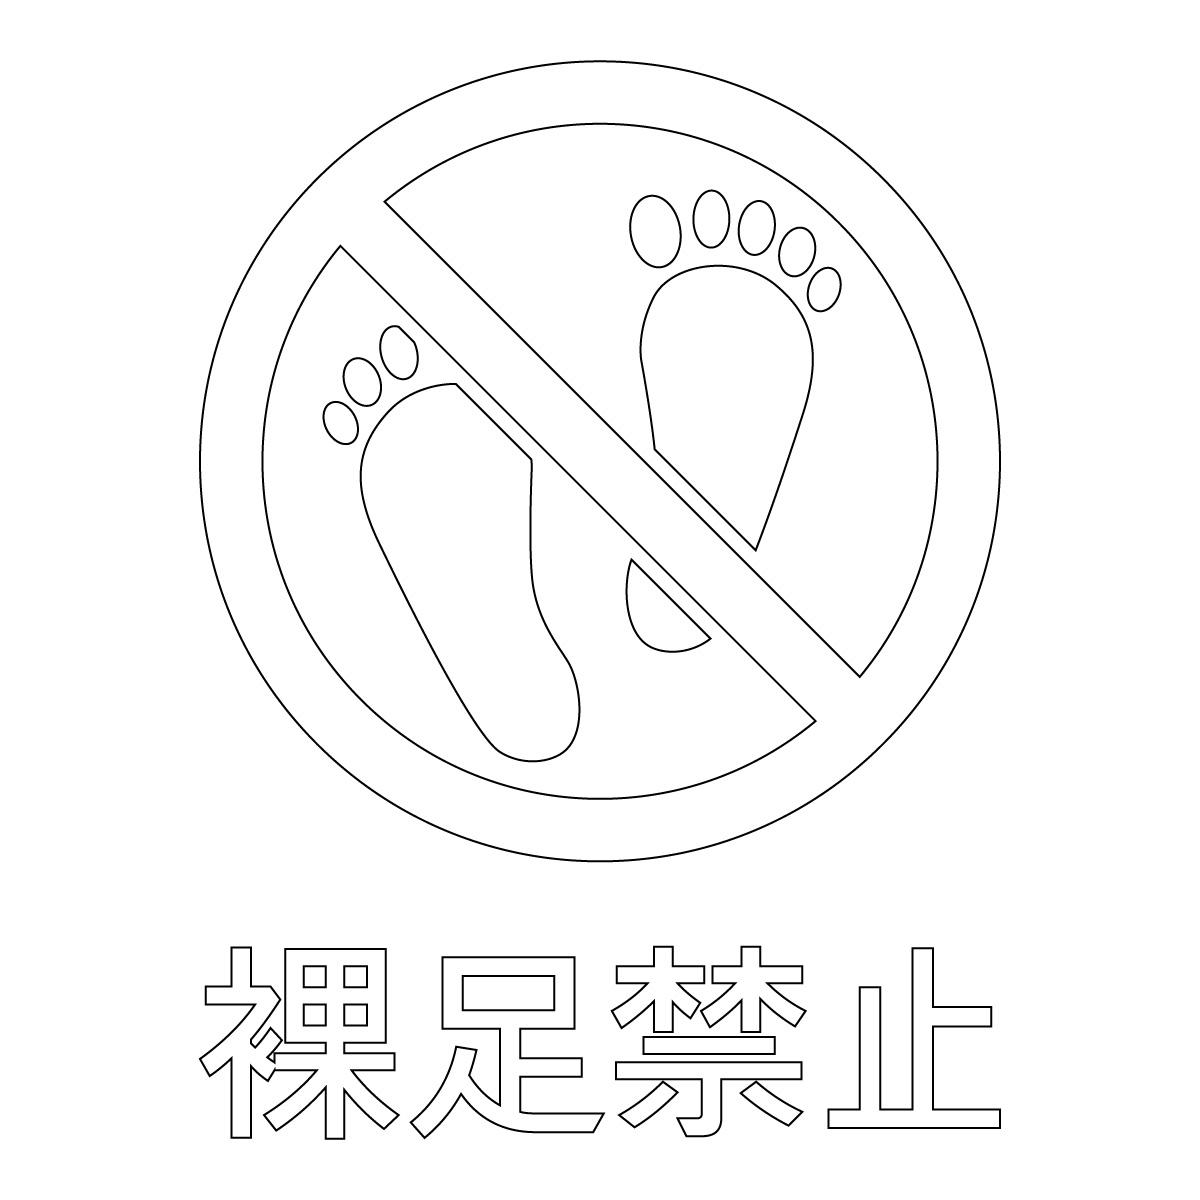 白色の裸足禁止マーク(裸足禁止の文字付き)のカッティングステッカー・シール 光沢タイプ・防水・耐水・屋外耐候3~4年